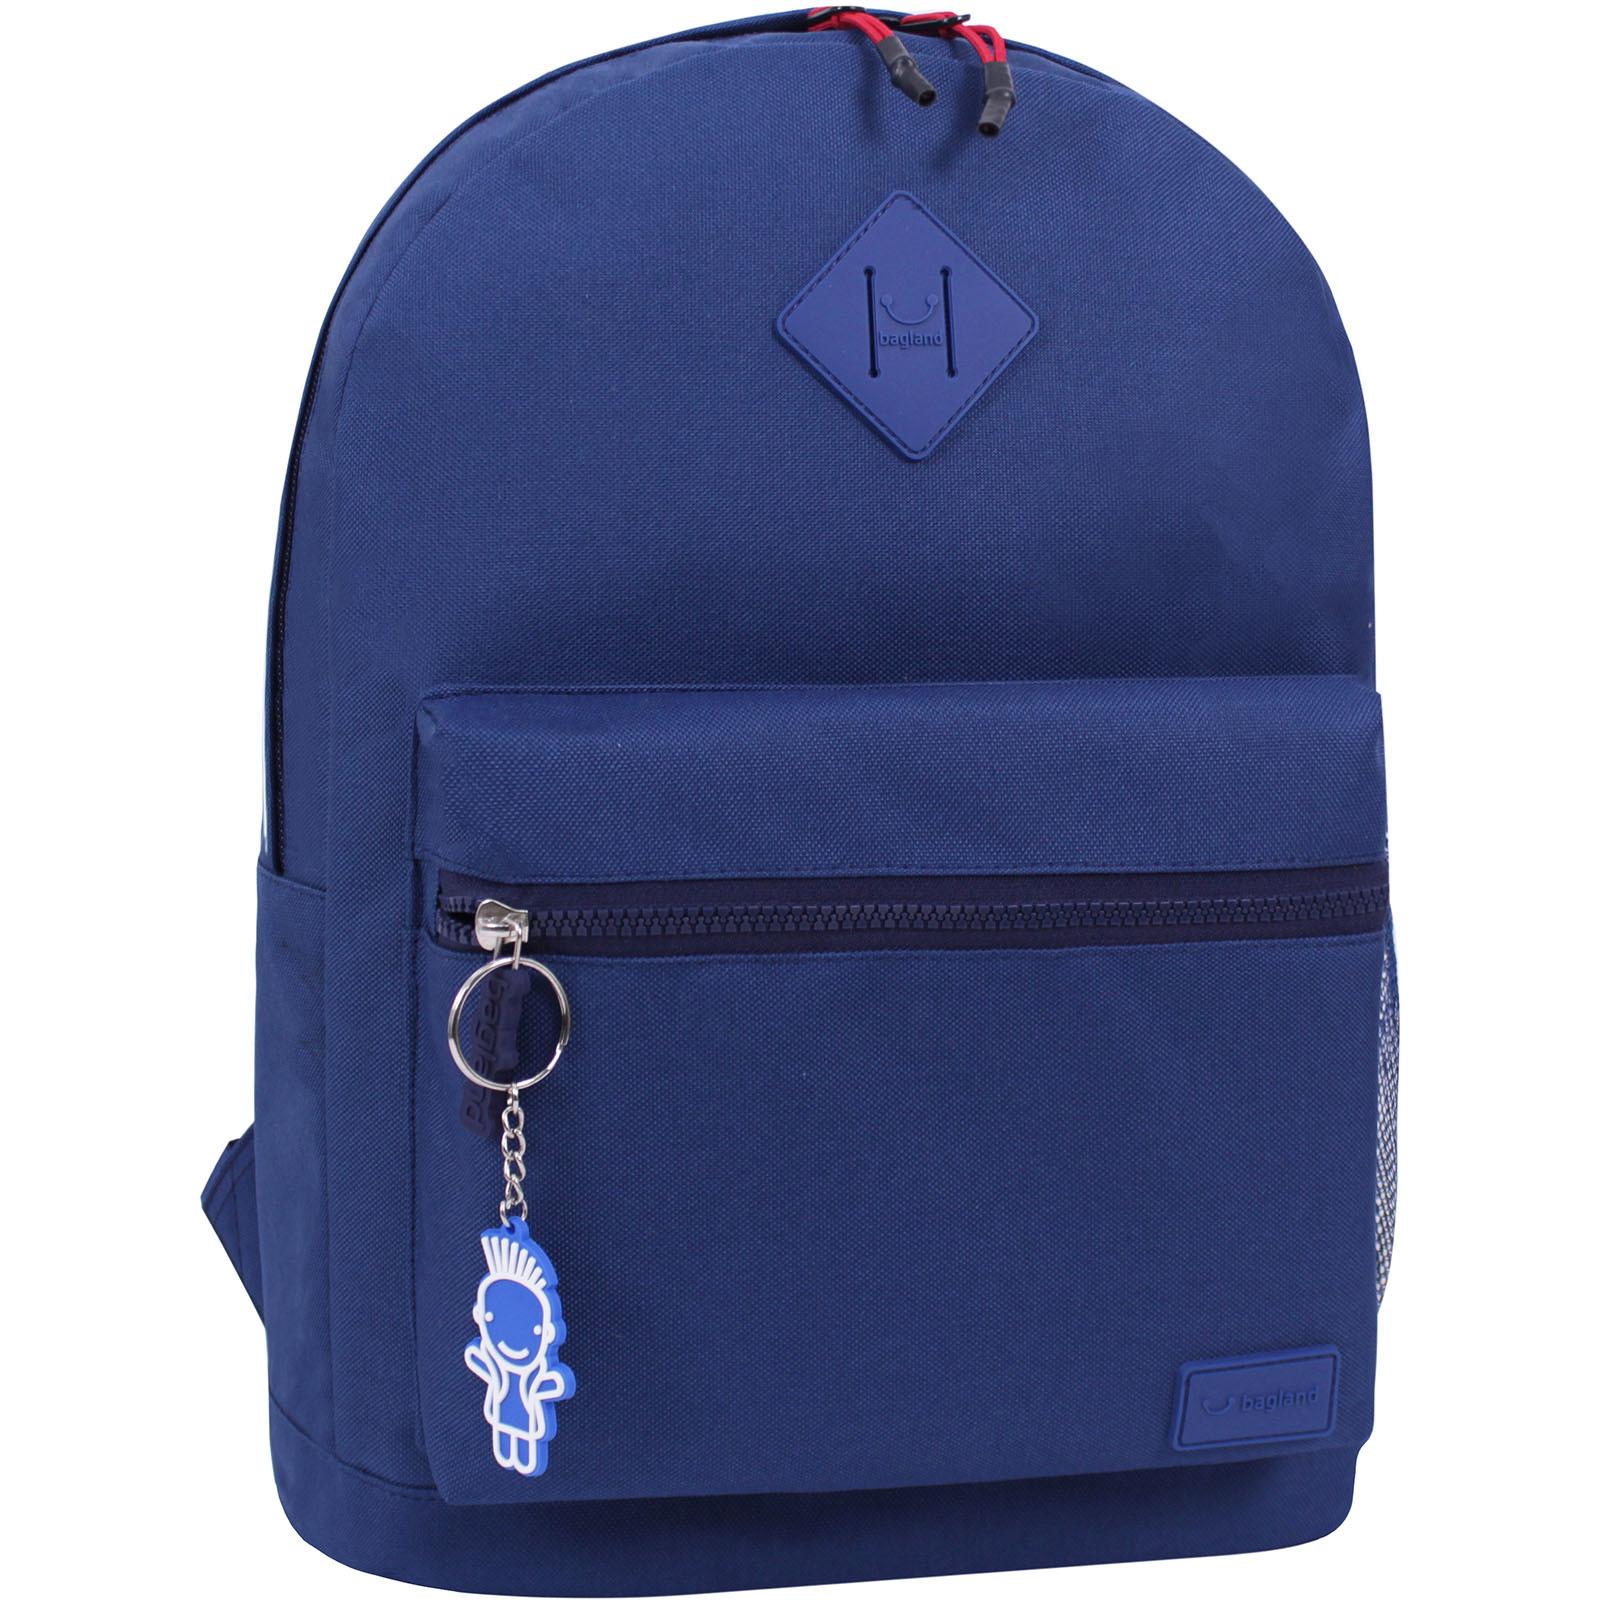 Молодежные рюкзаки Рюкзак Bagland Hood W/R 17 л. синий 453 (0054466) IMG_6161_суб.453_.JPG